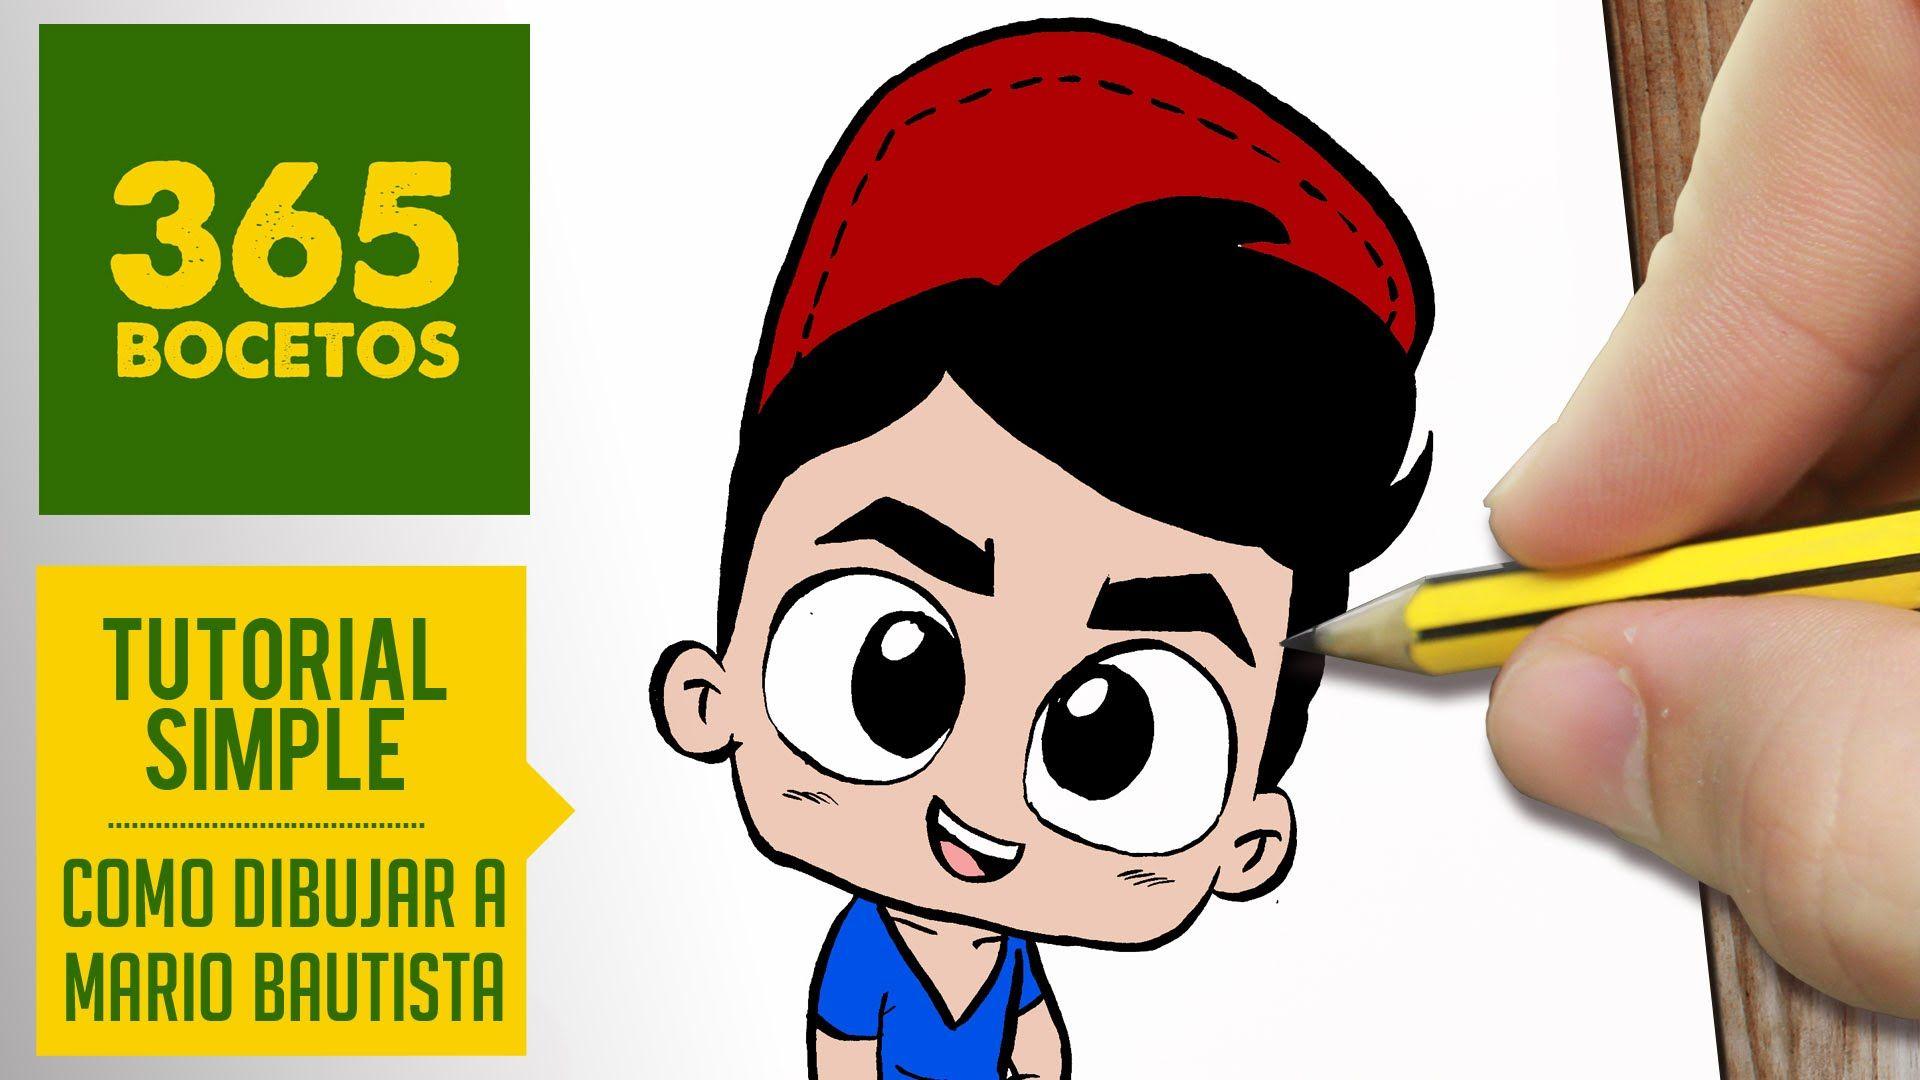 365bocetos Mario Bautista Buscar Con Google Dibujos Kawaii